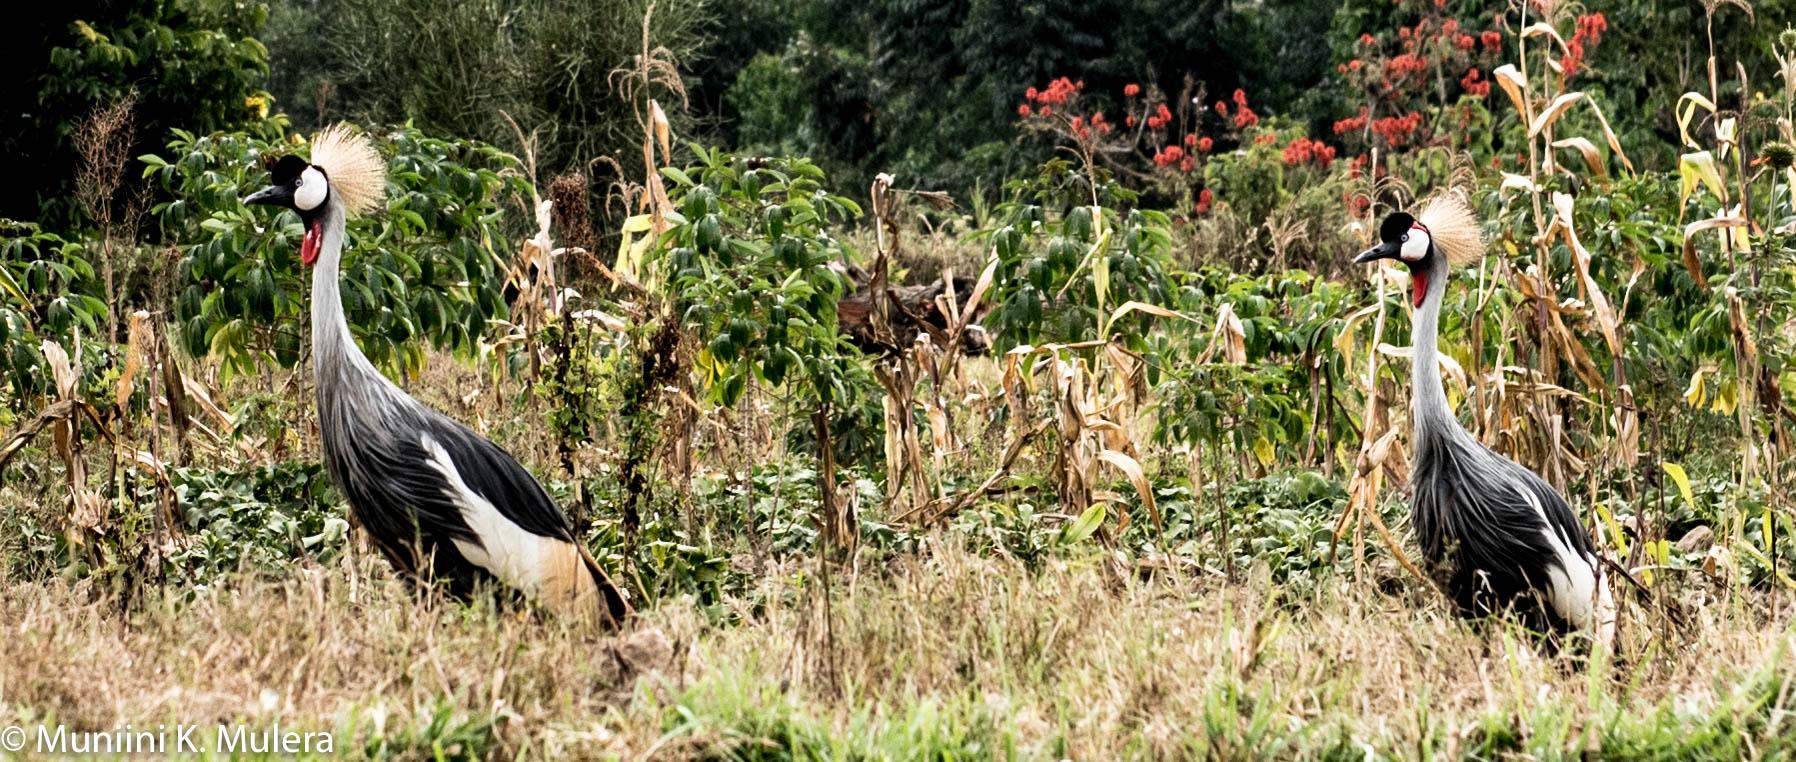 Crested Cranes - Mparo, Kigezi, Uganda-1